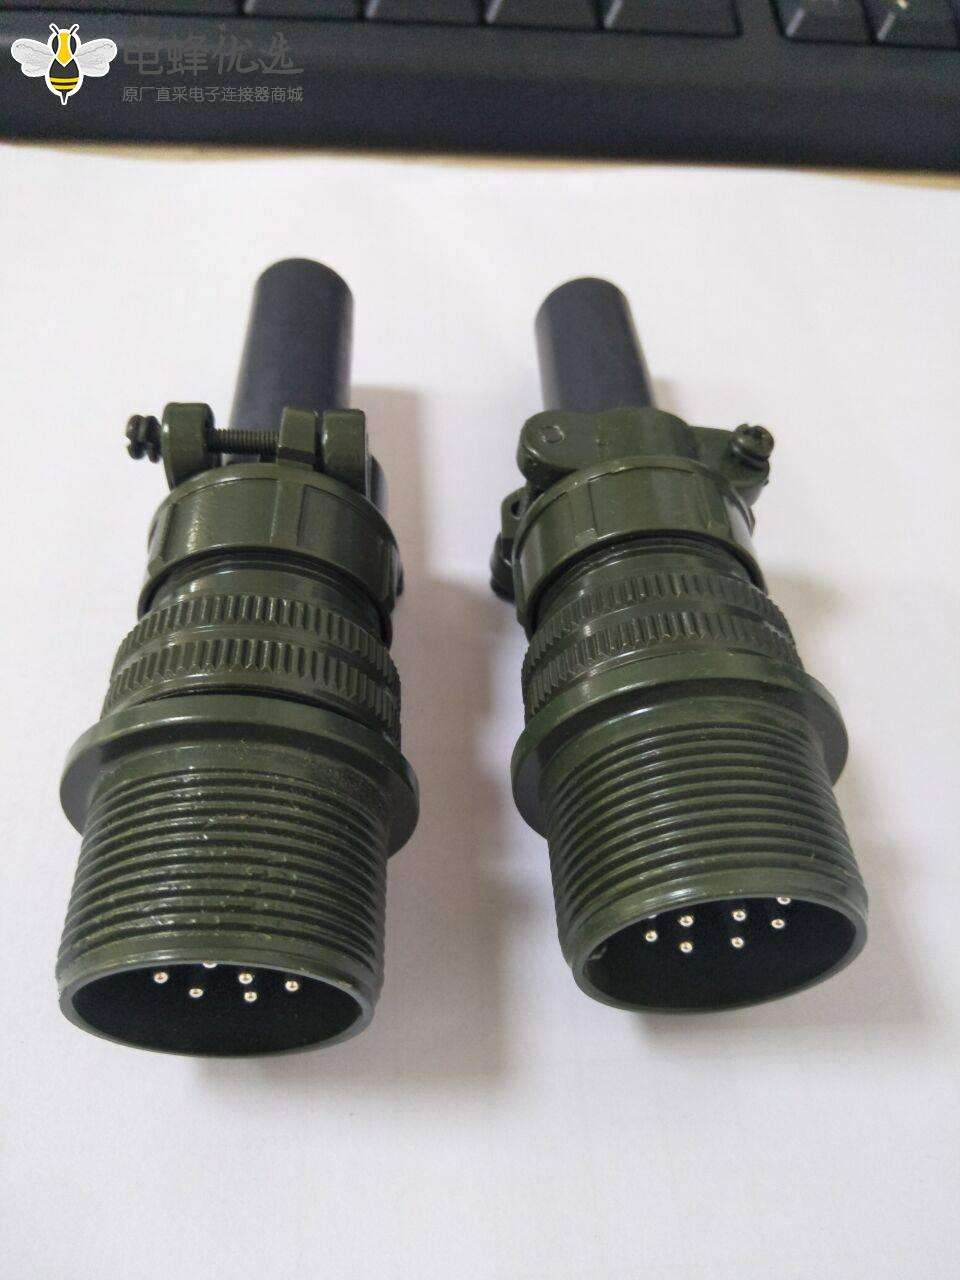 MS3101A18-12P 6针公电缆连接插座